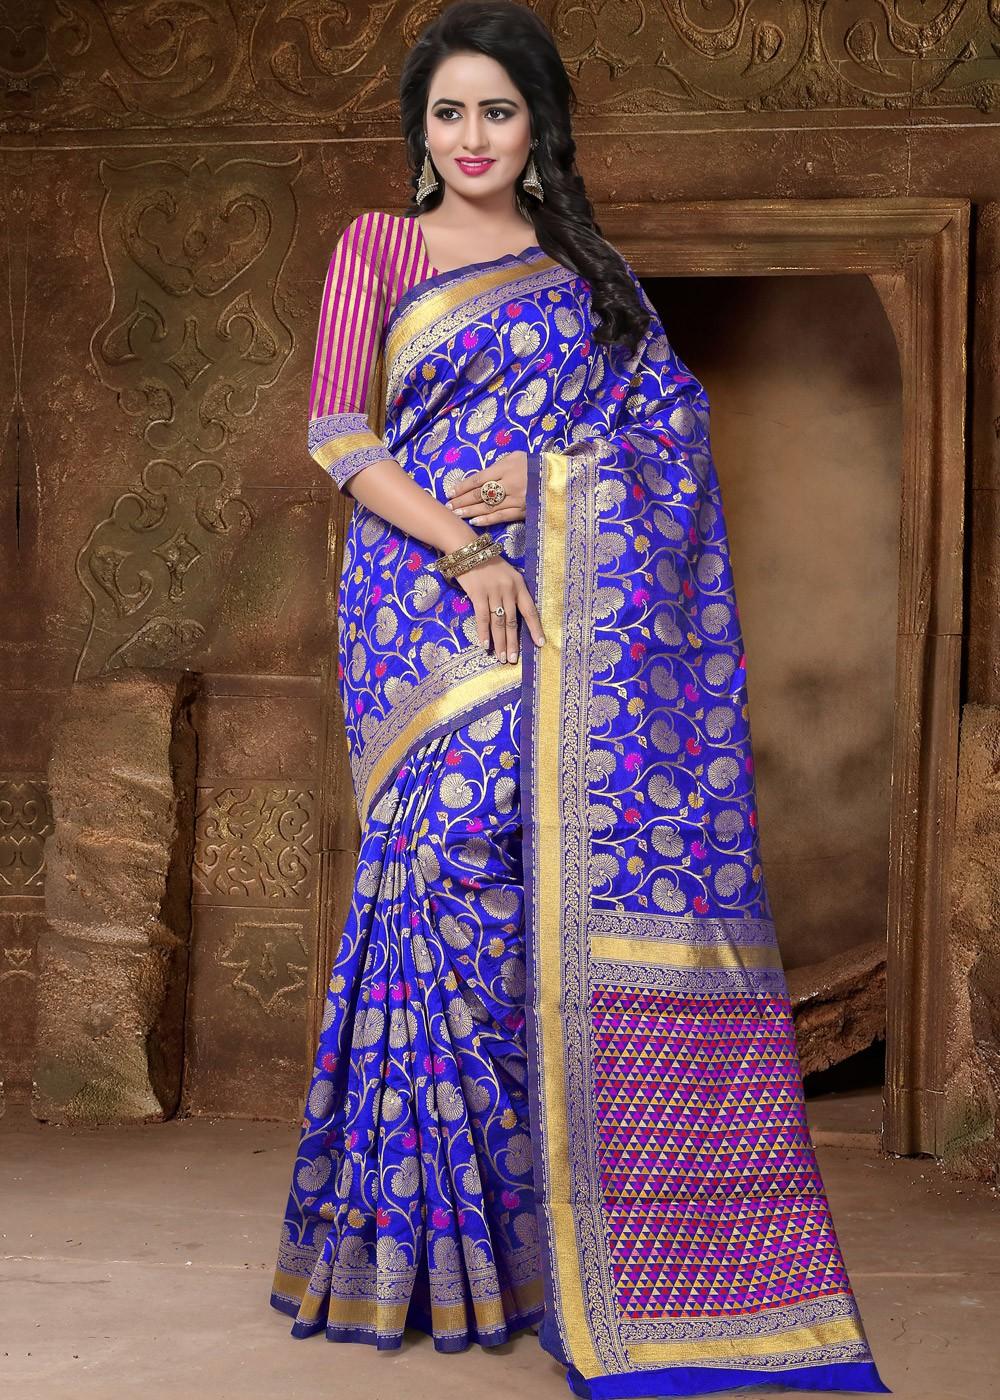 d74aec2ce9e76 Royal Blue Banarasi Silk Saree with Blouse. Tap to expand